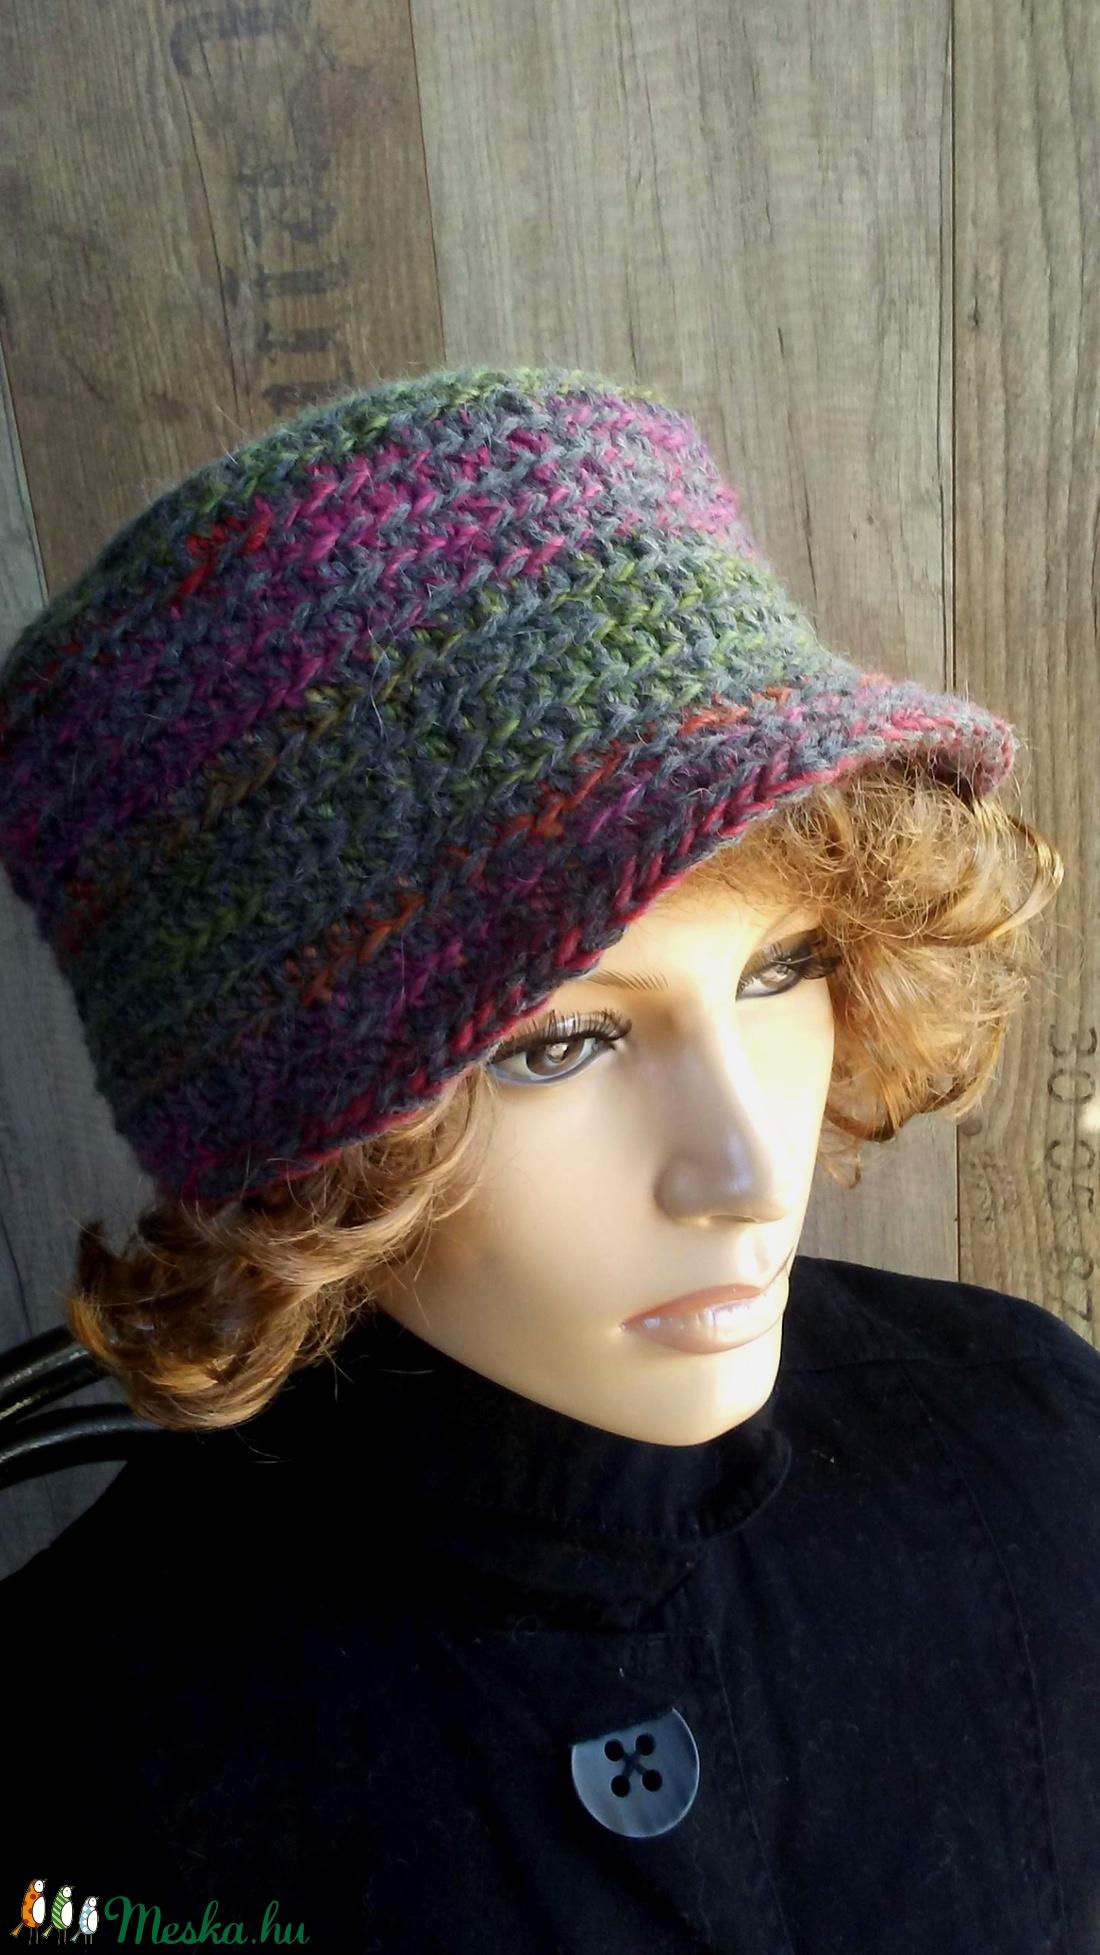 5f8e67577 Női kalap (sapka): Misteriosa (bosziujjak) - Meska.hu